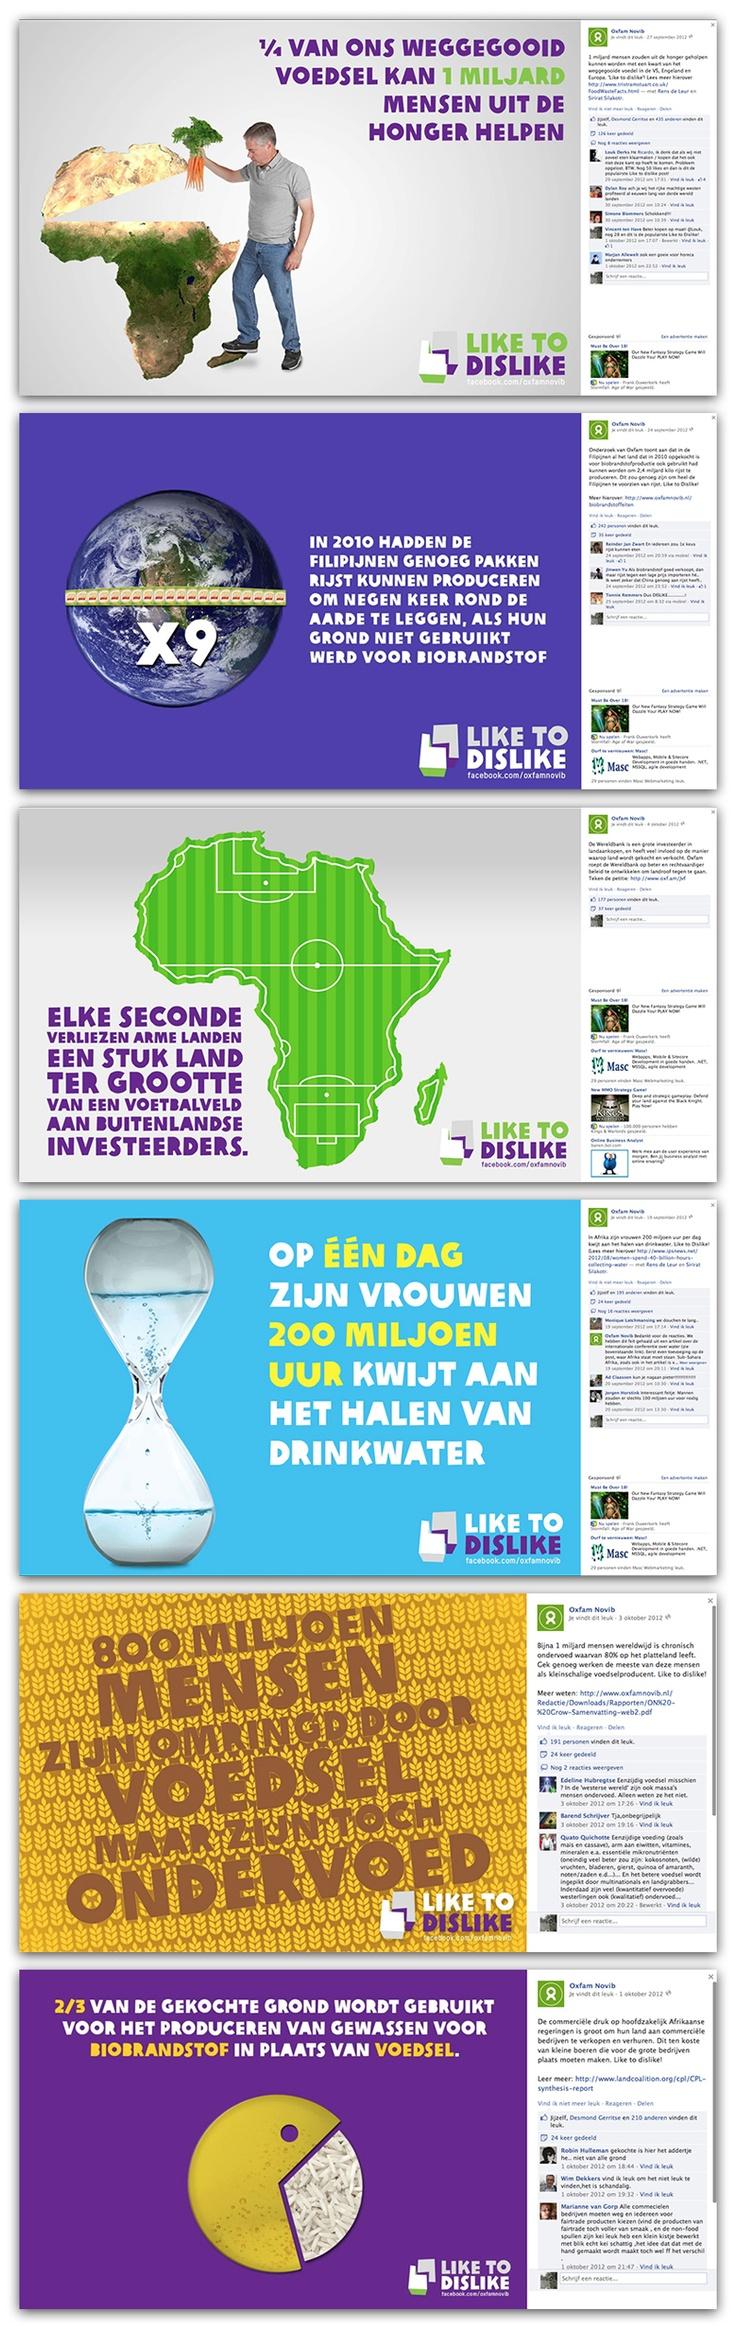 #OXFAM CONVERSATIEMANAGMENT – Oxfam Novib heeft een levendige Facebook pagina. Voor ons was het de uitdaging om in de 'Like to Dislike' campagne goede posts te bedenken die gebaseerd zijn op vuile waarheden. Dit is er leuk en leerzaam werk, omdat je concrete feiten vertaalt in een creatief ideetje met een scherpe copy. De doelstelling is altijd dat mensen dit gaan delen. Liken heeft namelijk veel minder impact dan het delen met je vrienden. Iets wat ik me voor SUE nooit zo gerealiseerd had.